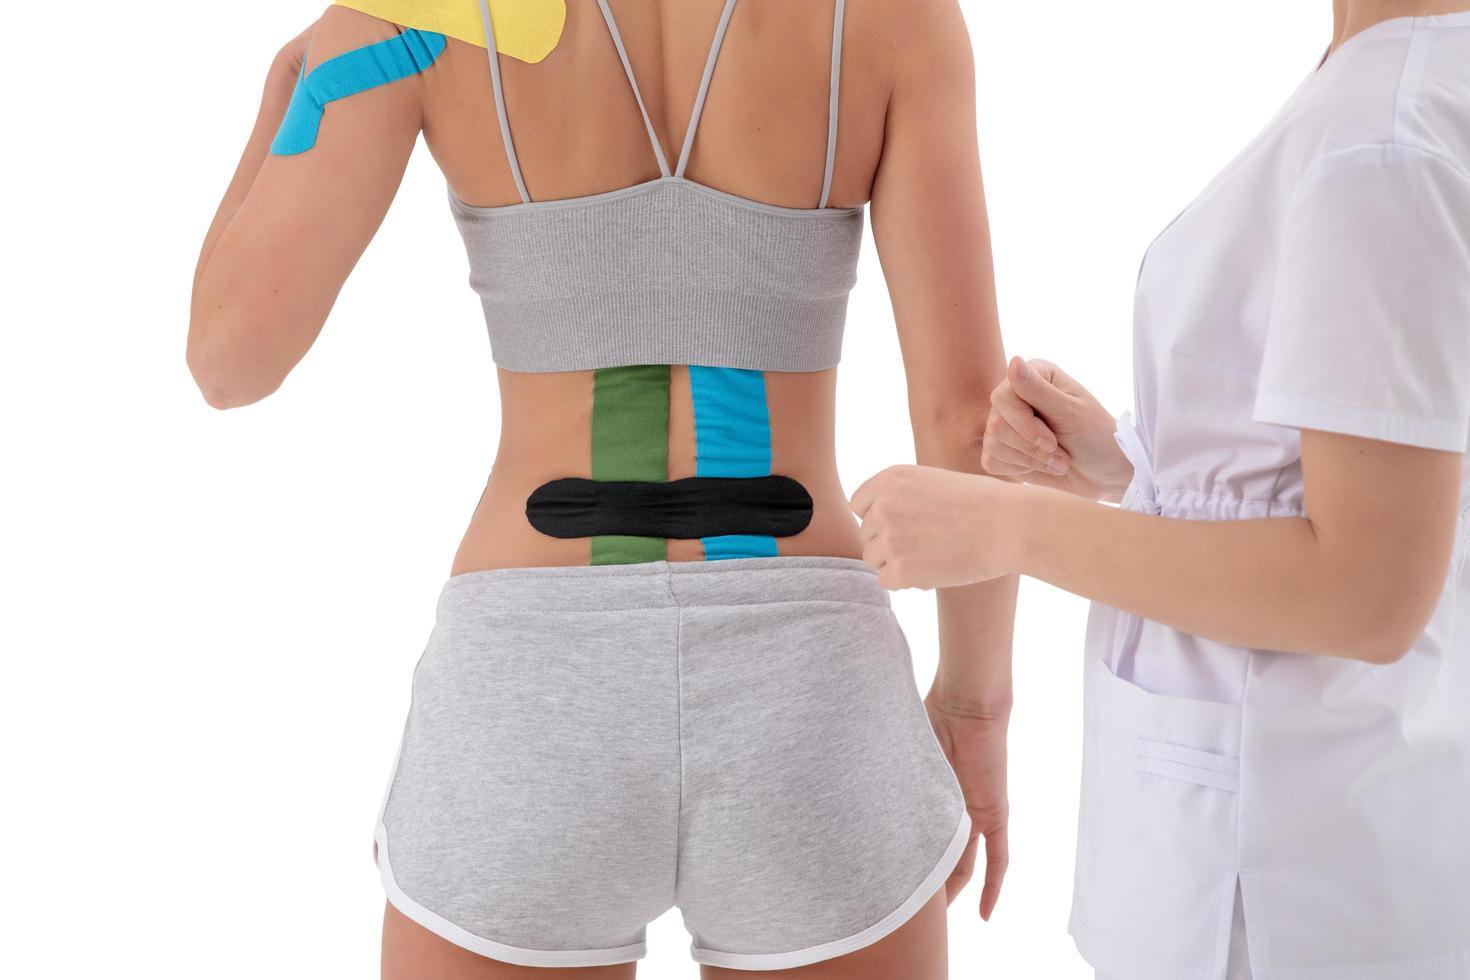 bandage fonctionnel dynamique avec bande kinesio sur le dos féminin photo